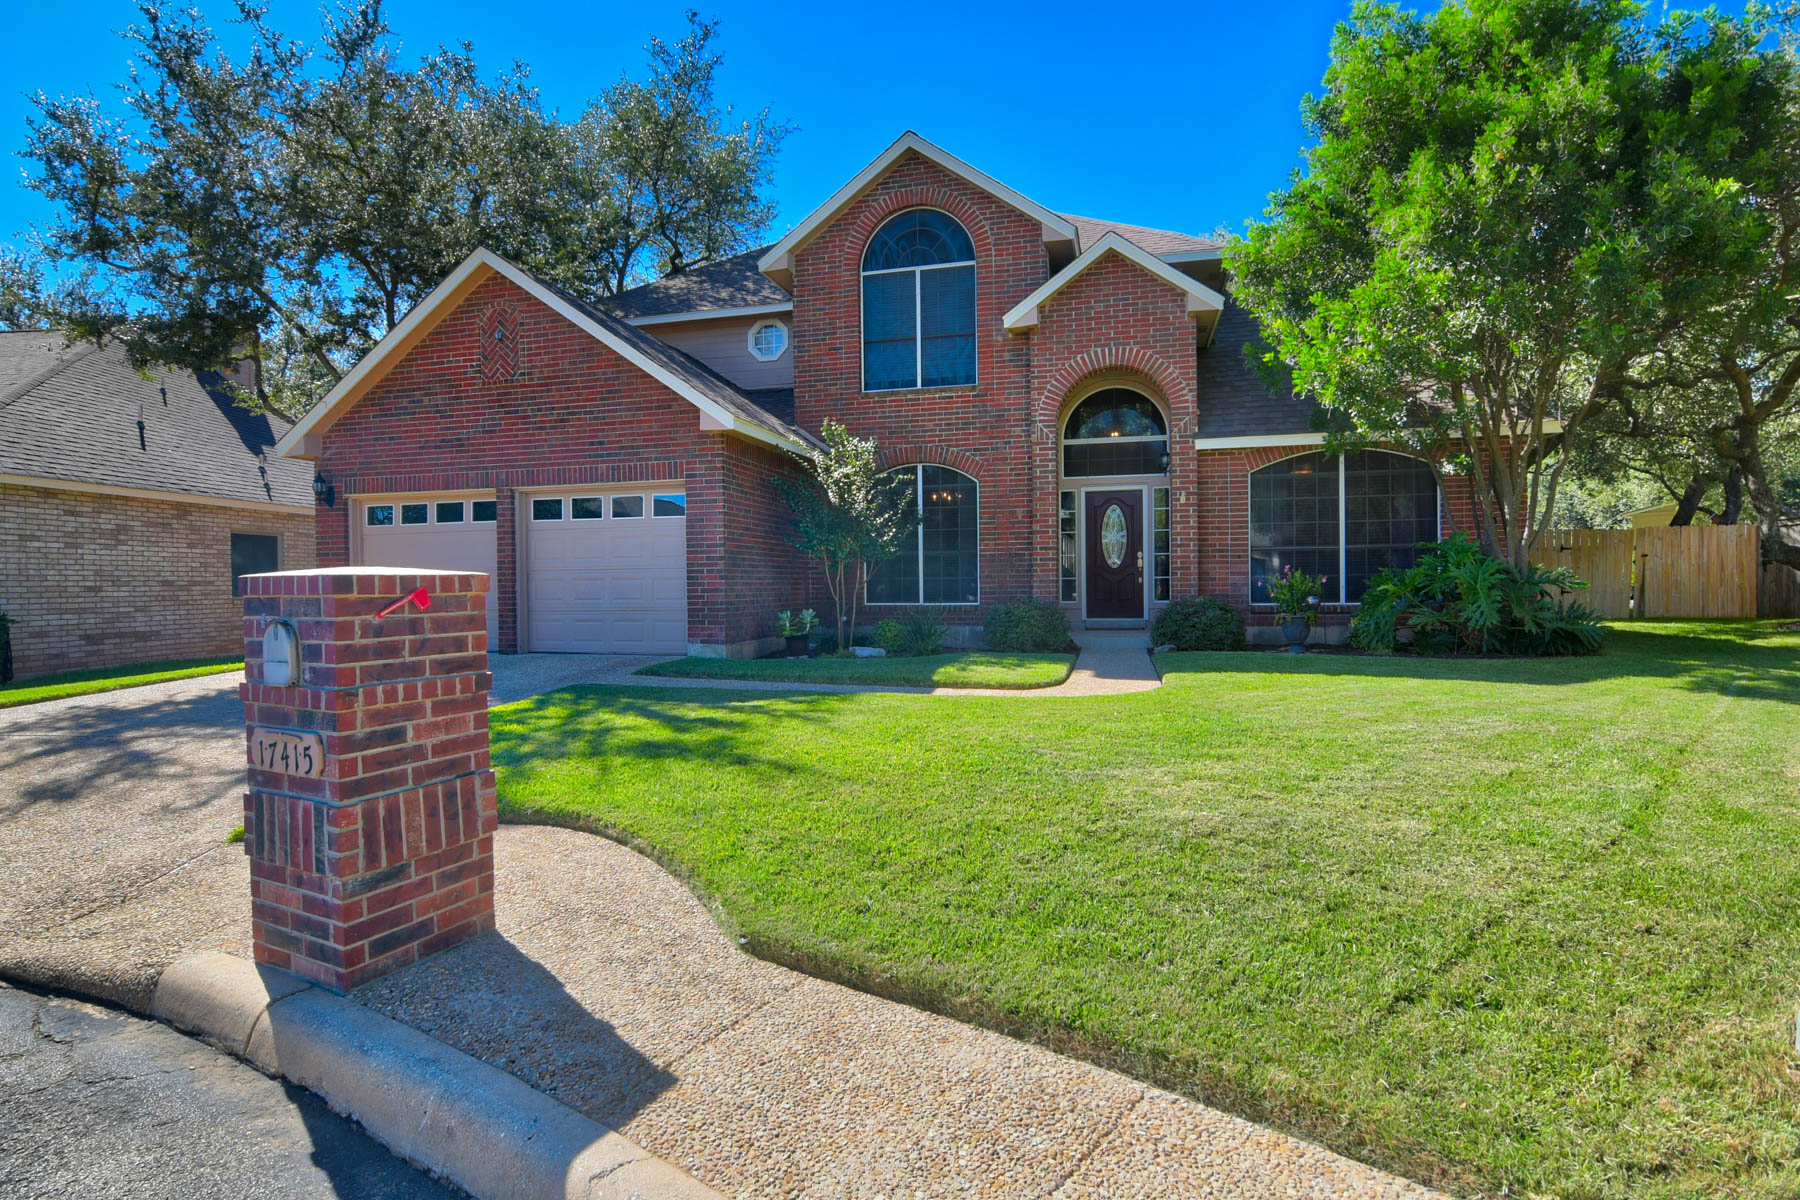 Casa Unifamiliar por un Venta en A Show Stopper in Canyon Creek Bluff 17415 Canyon Breeze Dr San Antonio, Texas 78248 Estados Unidos